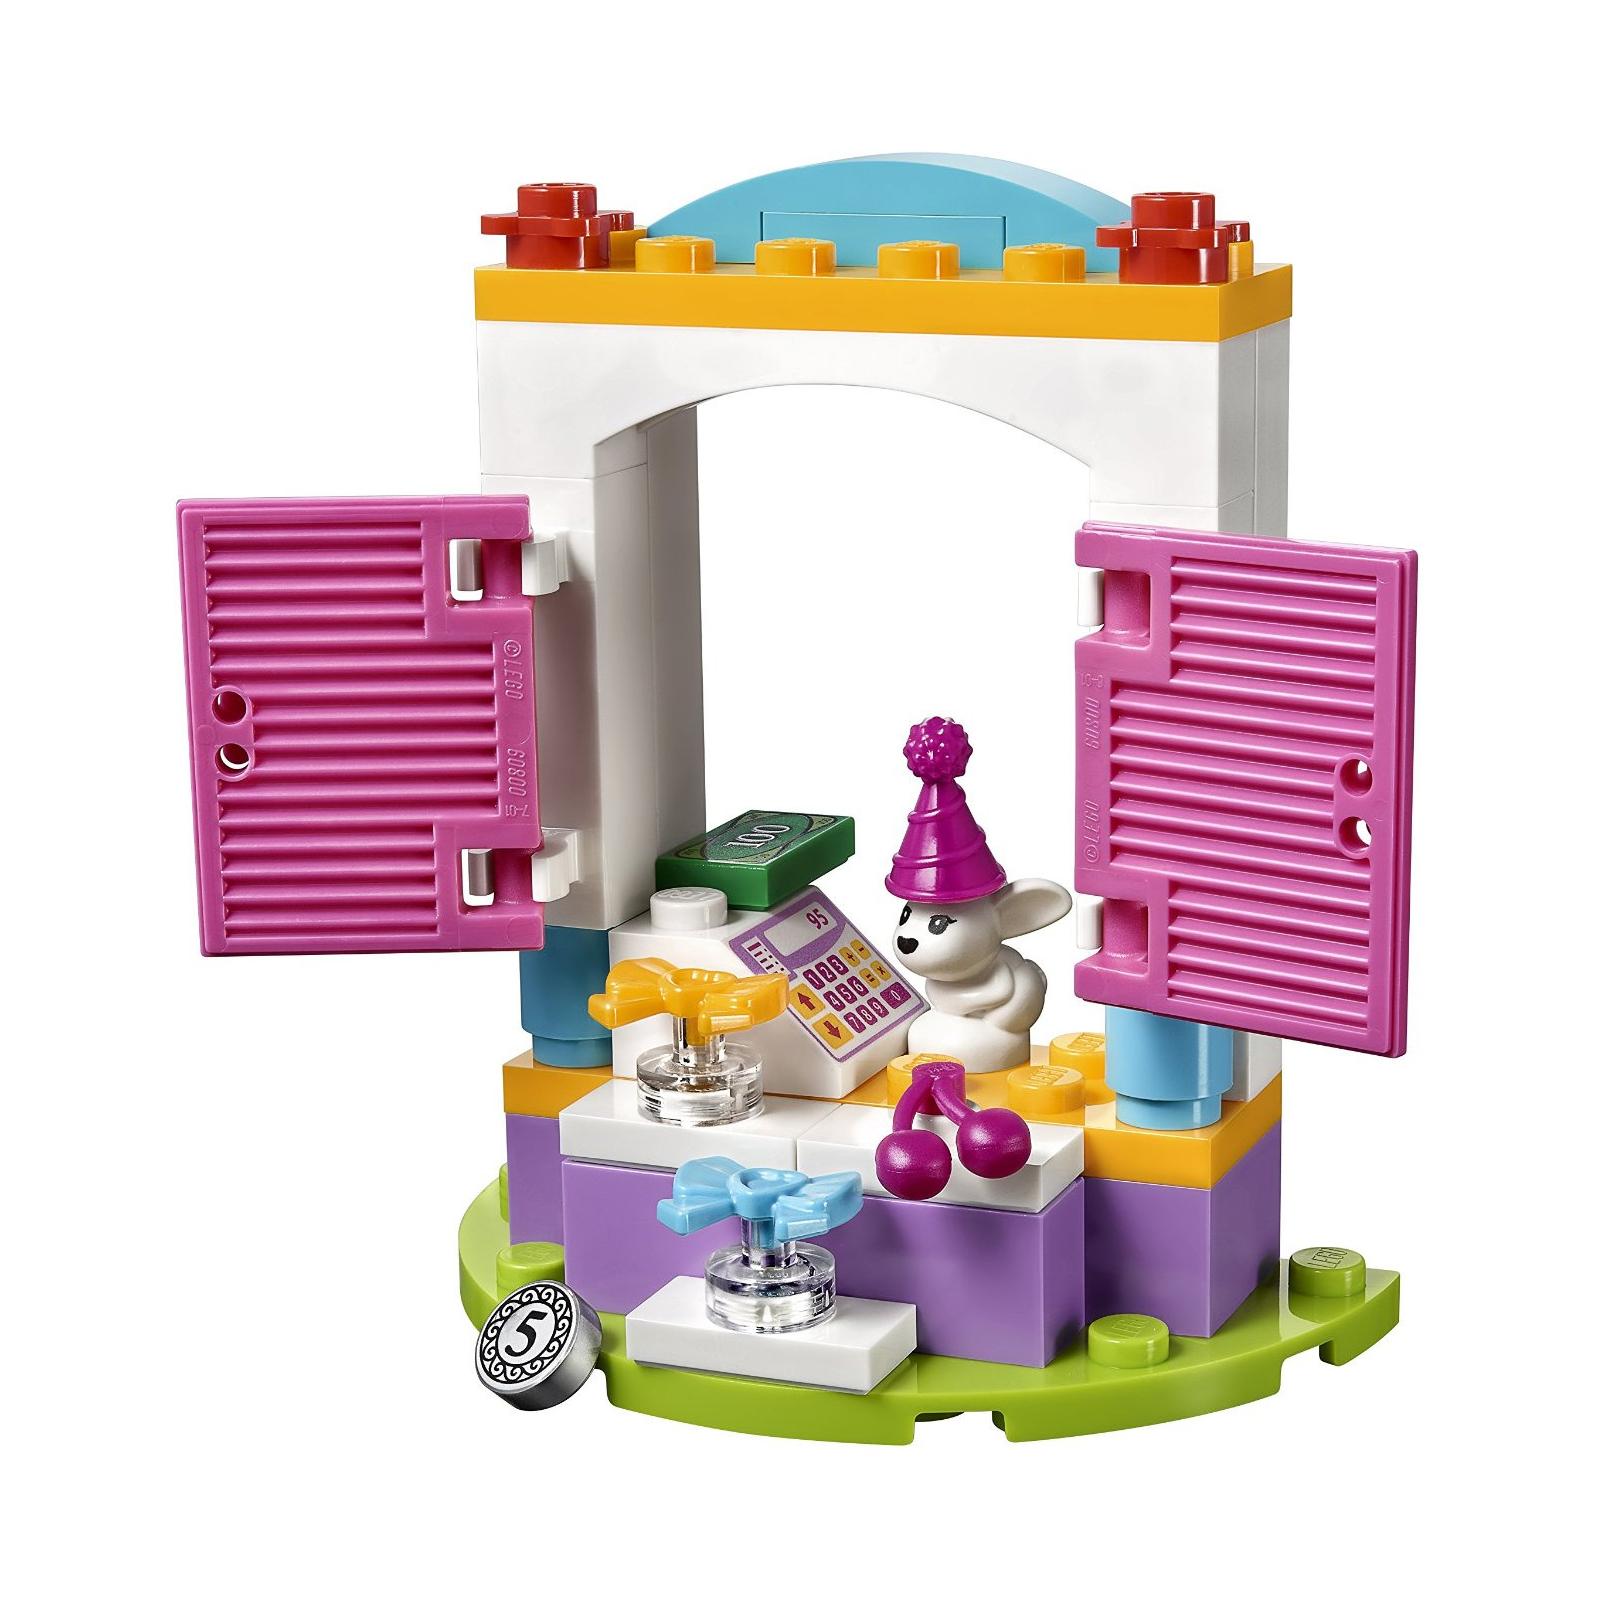 Конструктор LEGO Friends День рождения: магазин подарков (41113) изображение 4